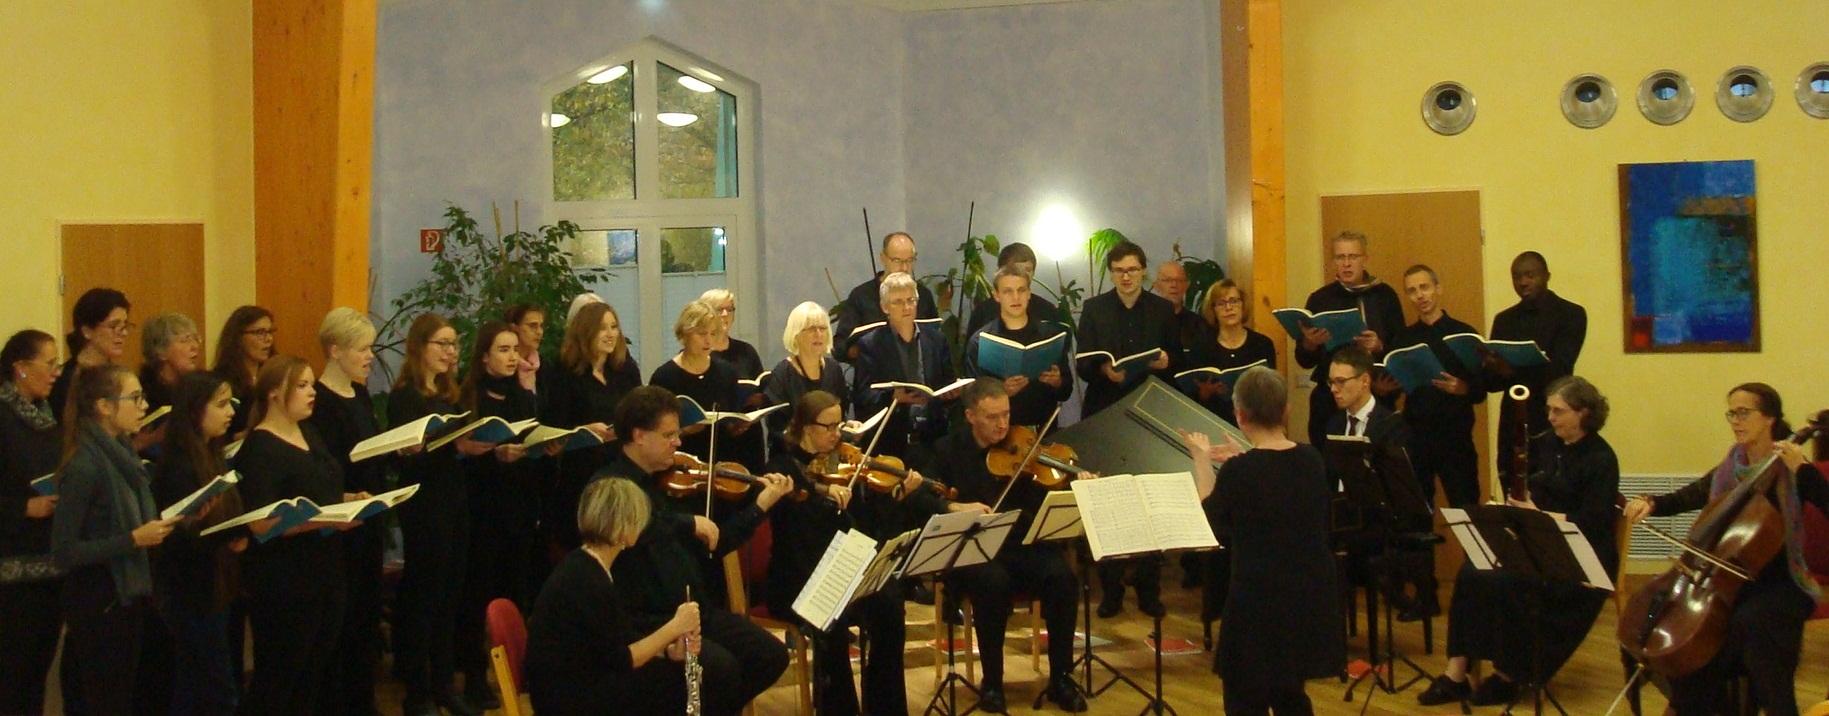 Stoffregensaal-Konzert Vokalensemble am Mergelteich November 2017